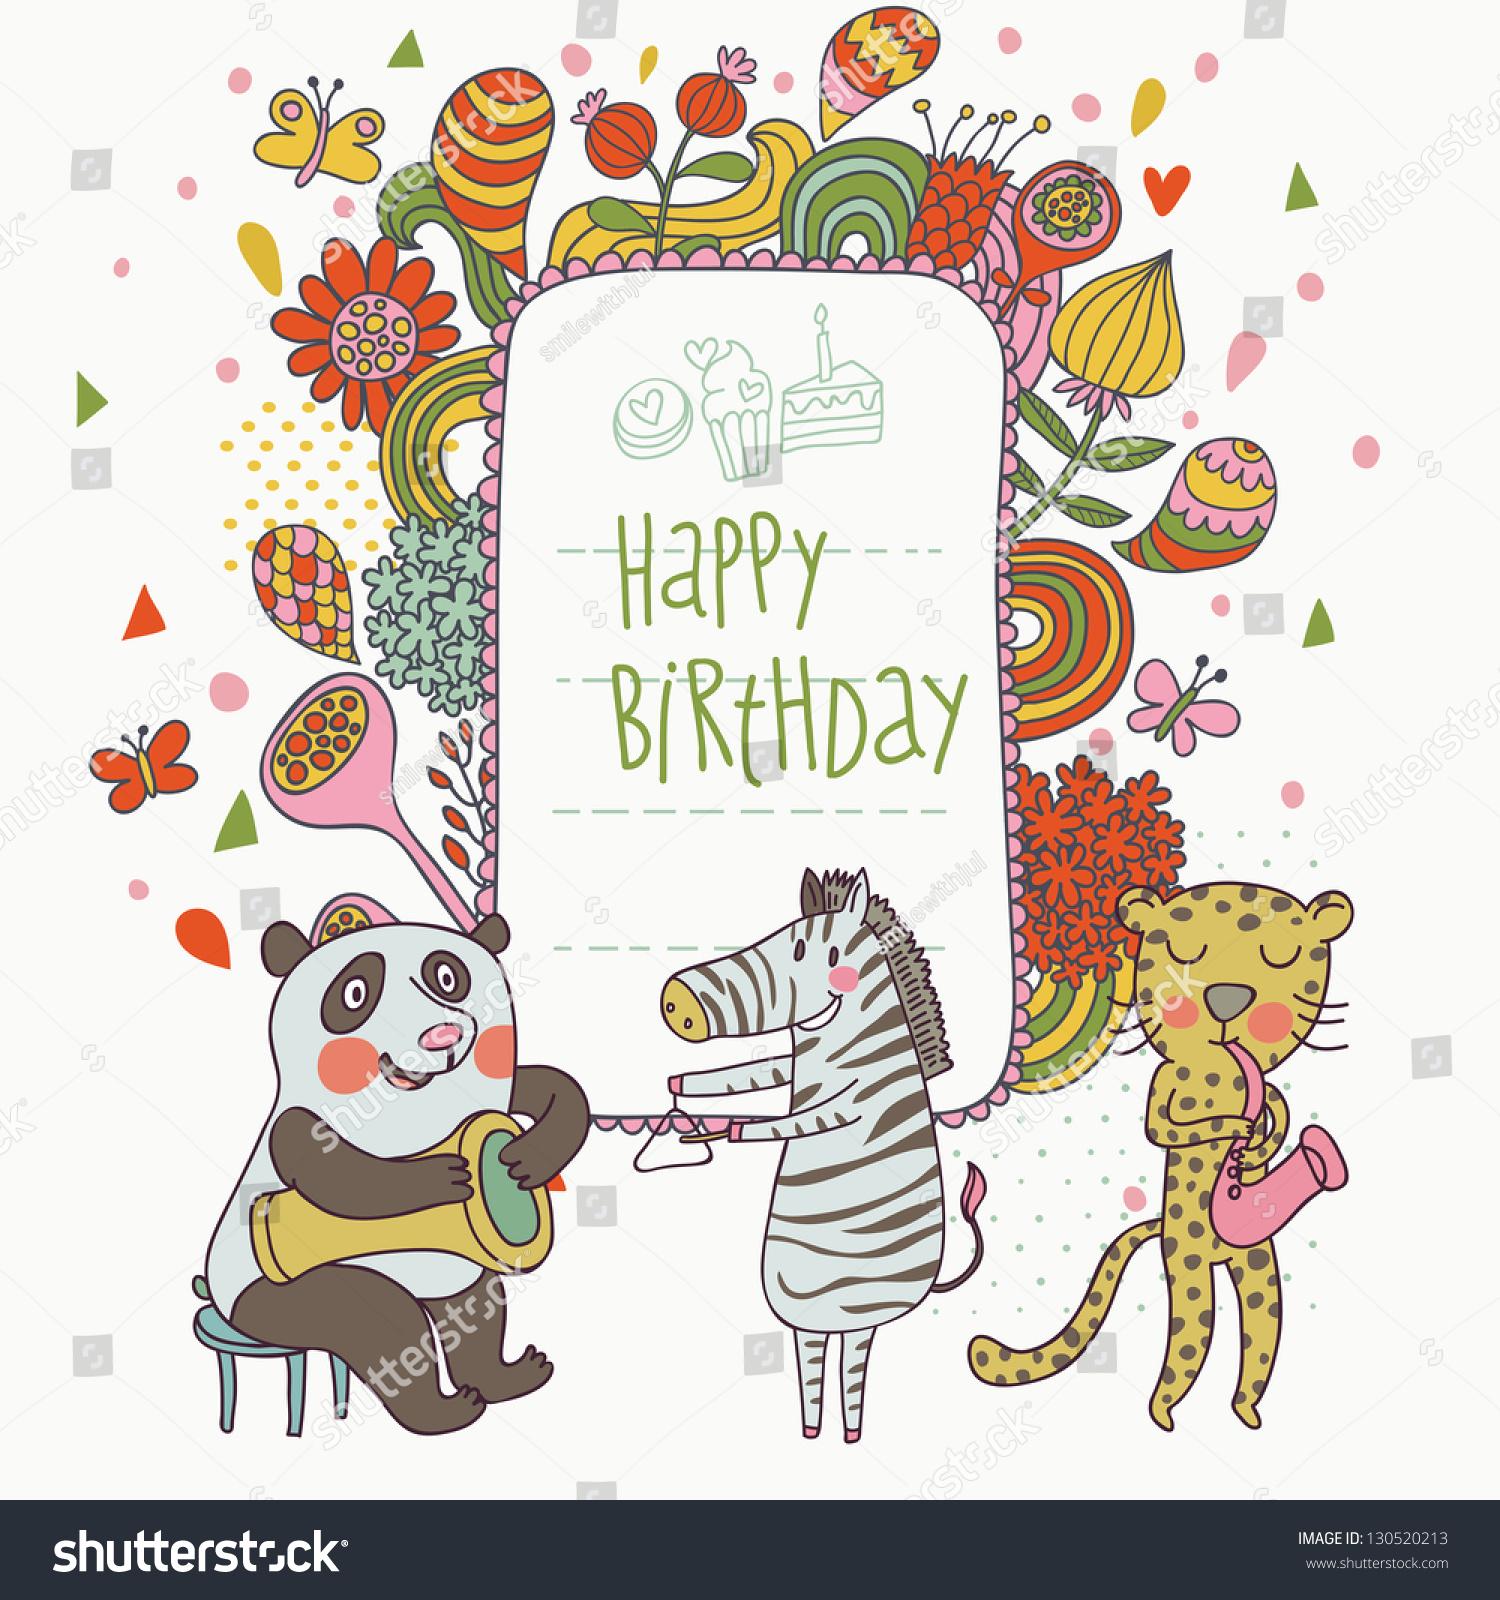 Шуточное поздравление с днем рождения от иностранца с днем рождения